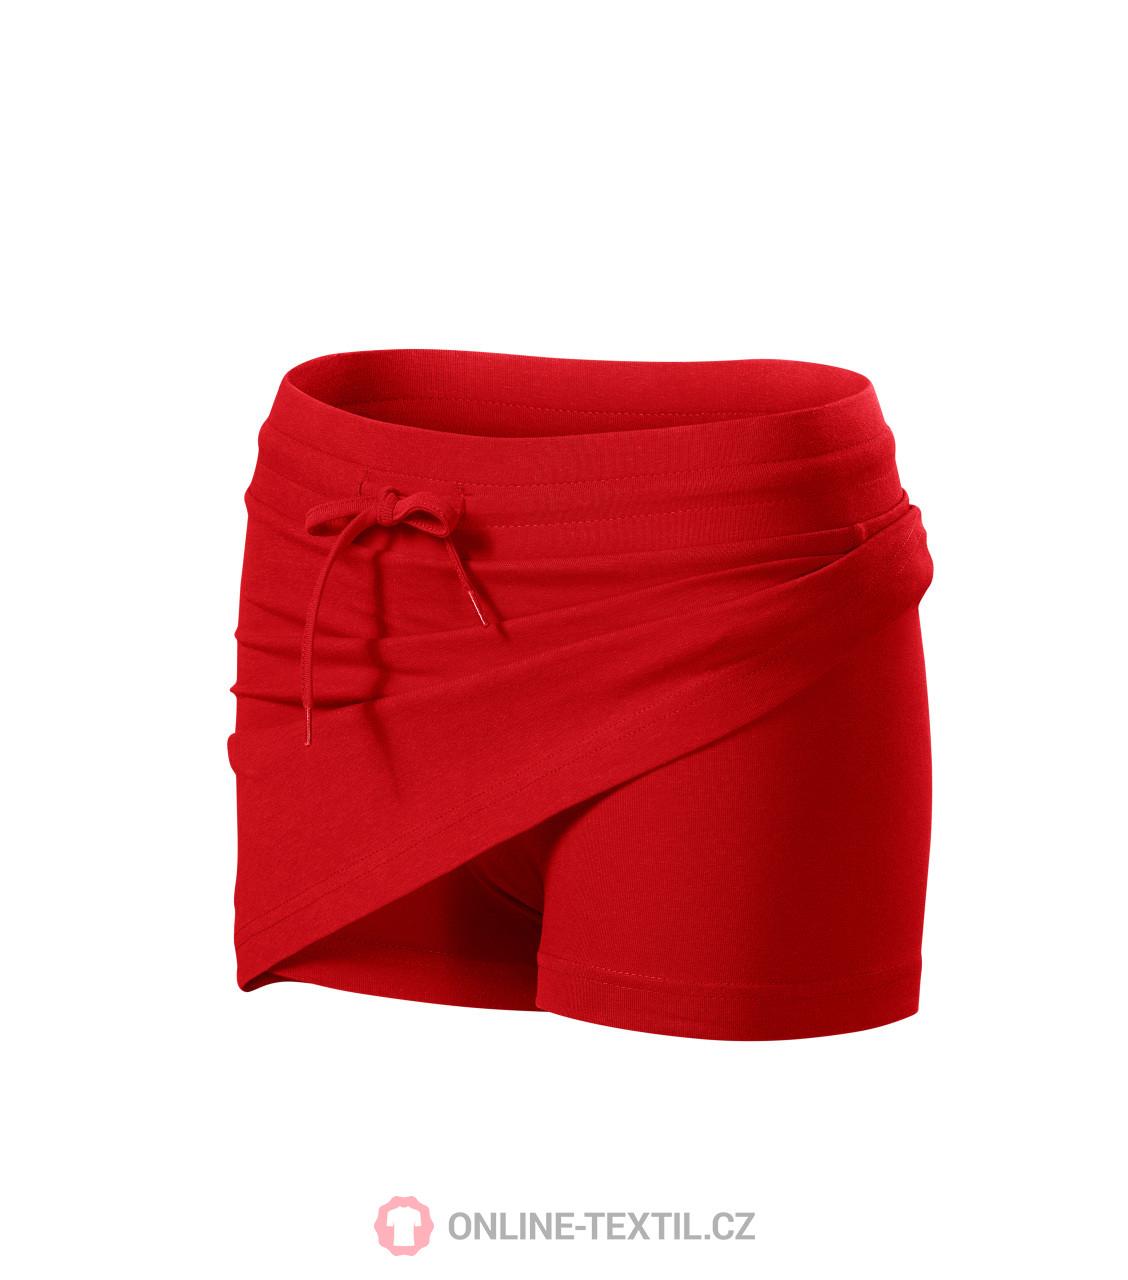 ADLER CZECH Sukně dámská Skirt two in one 604 - červená z kolekce ... 1824f8f234